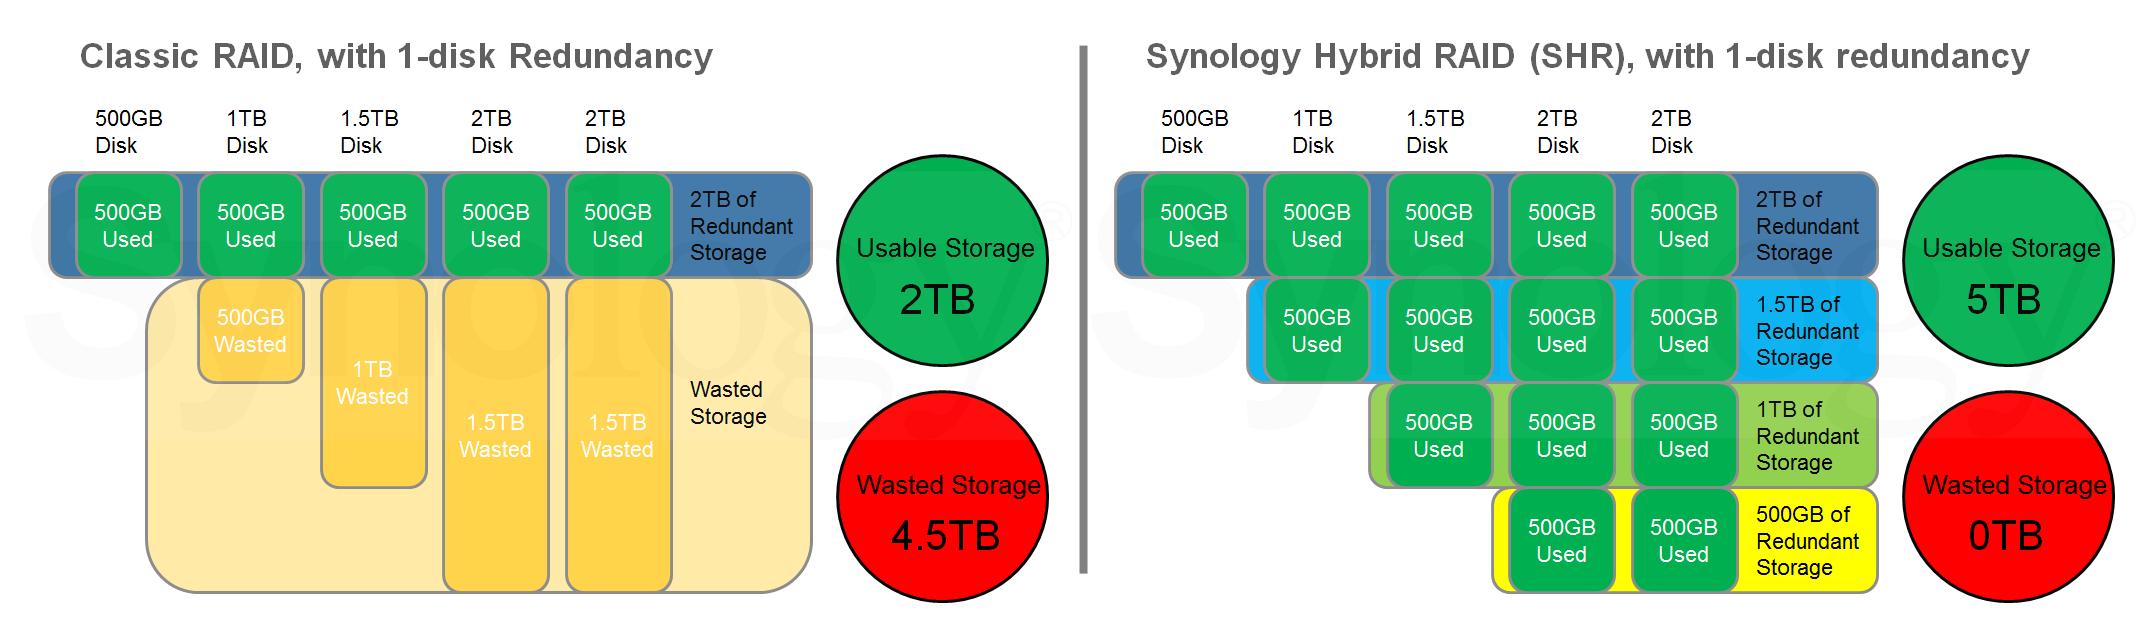 Classic RAID versus Synology Hybrid RAID.